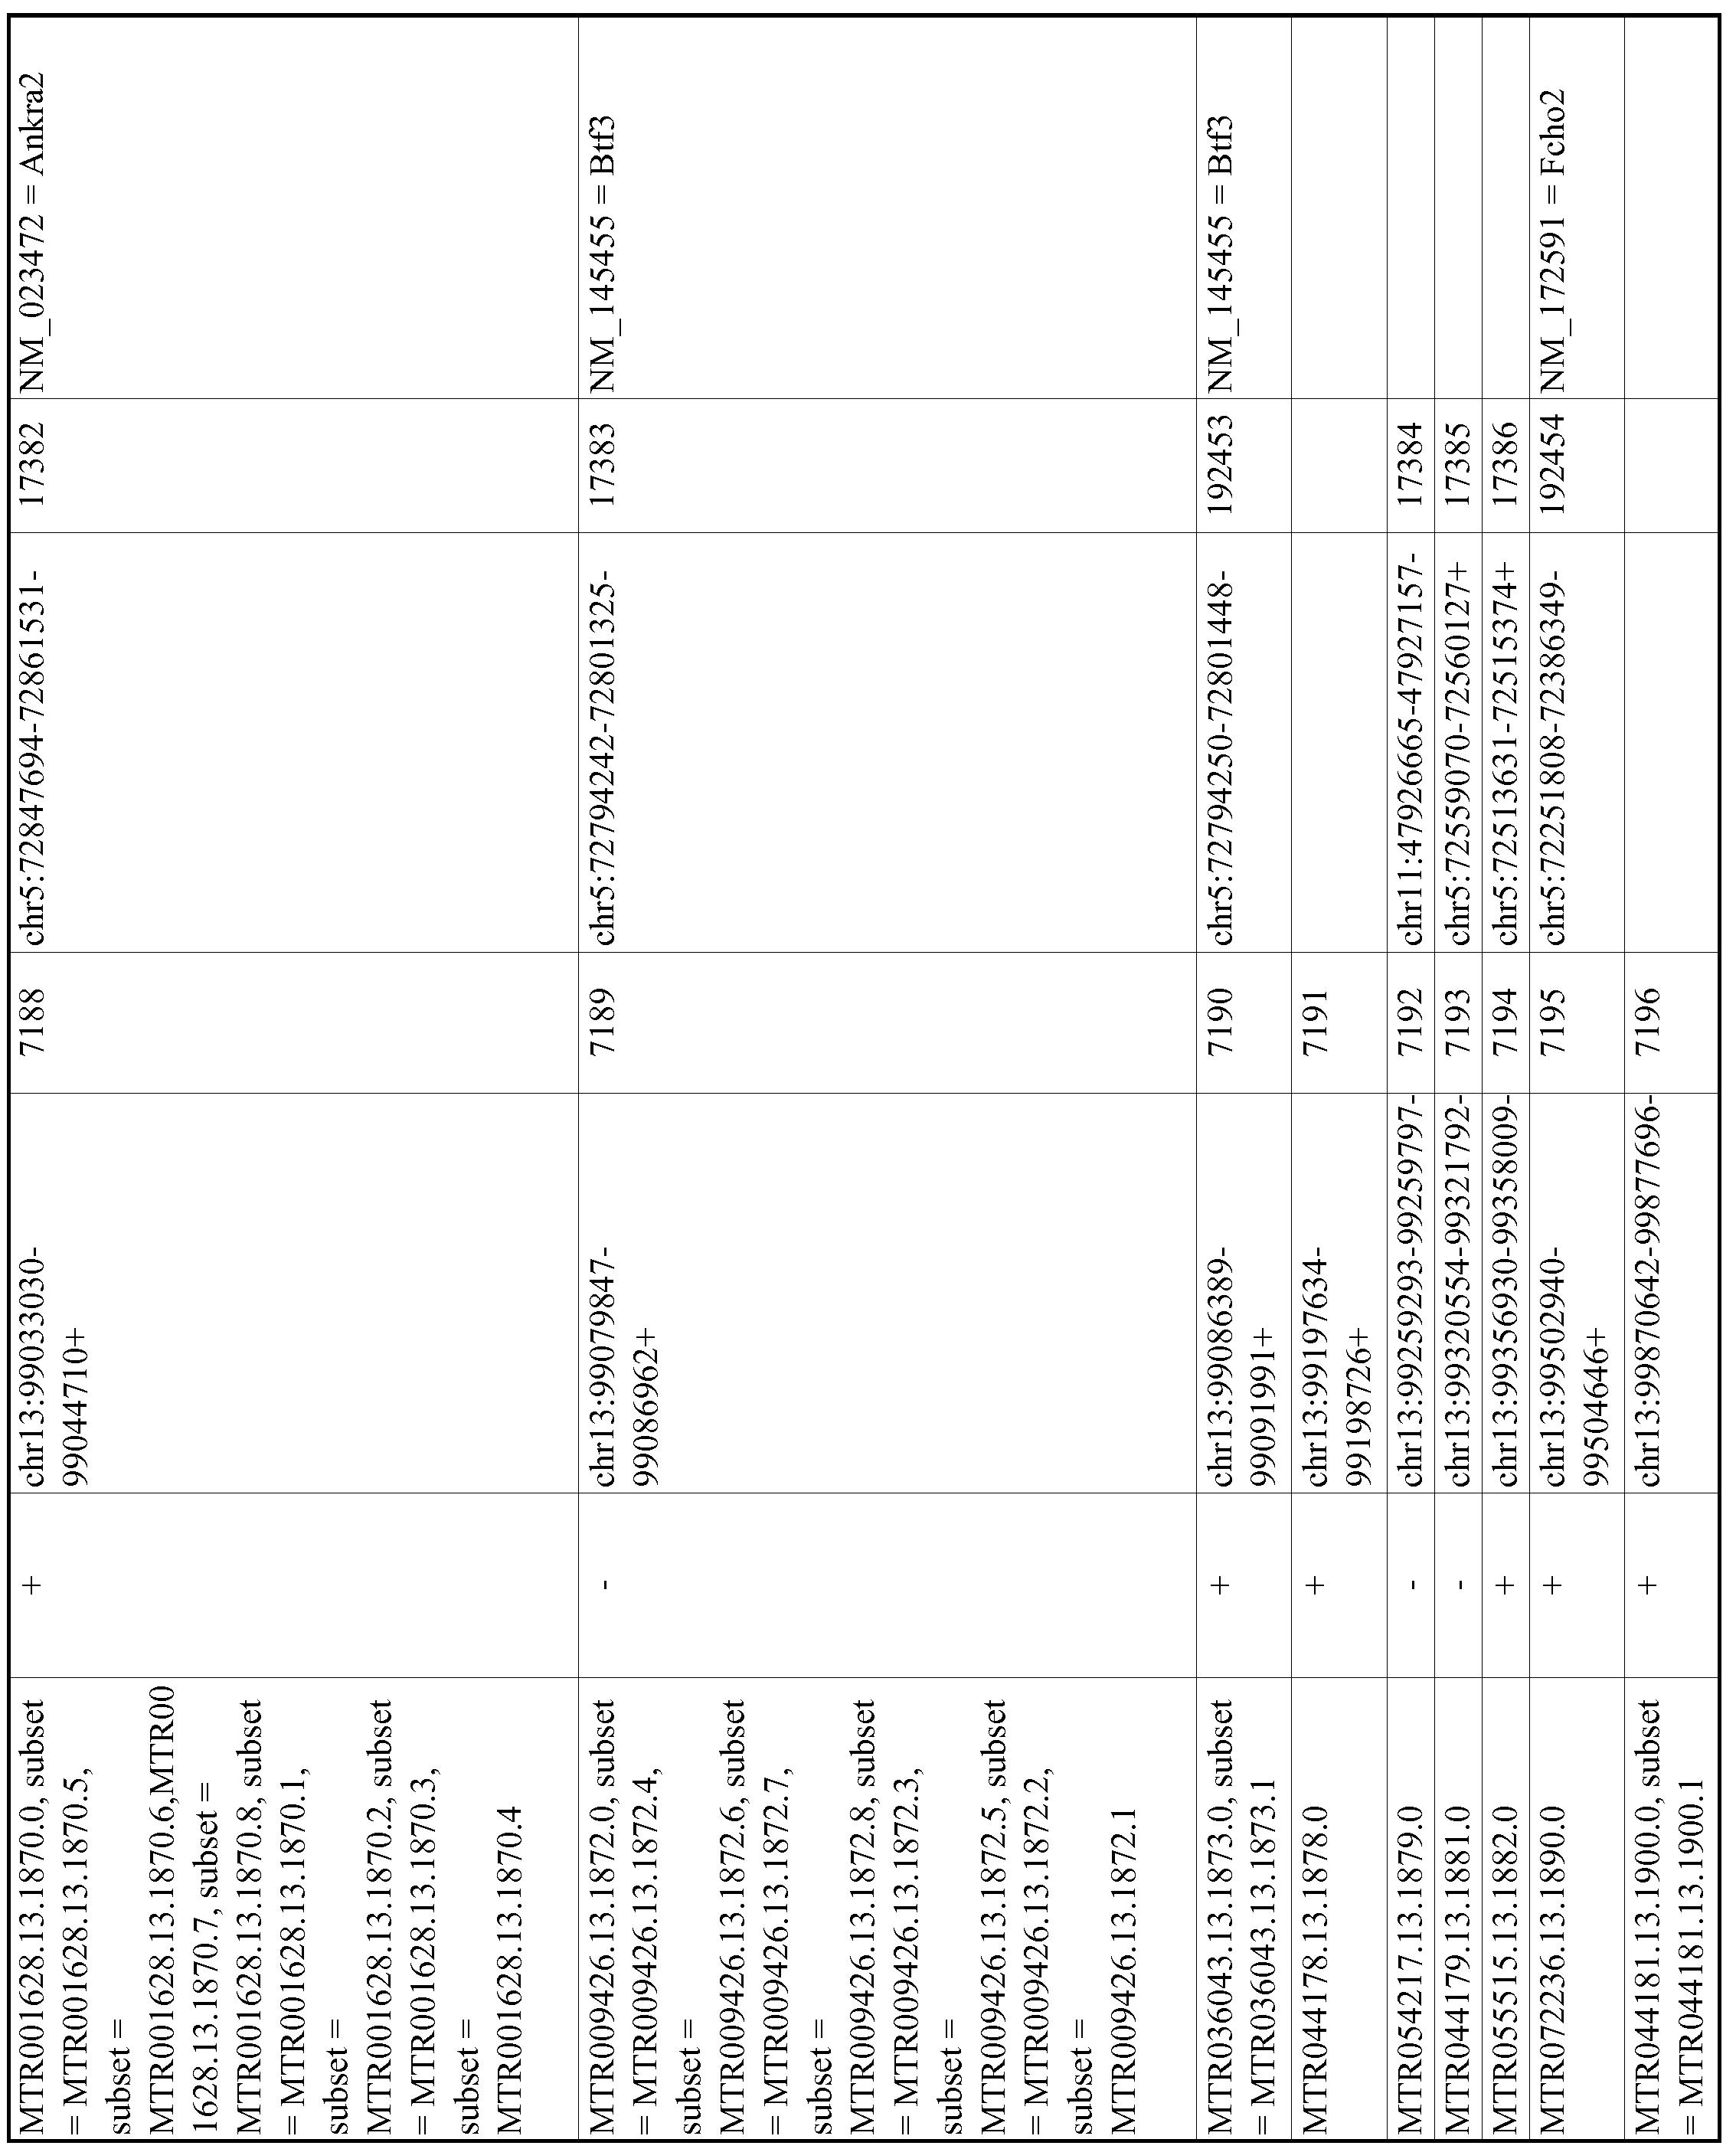 Figure imgf001260_0001